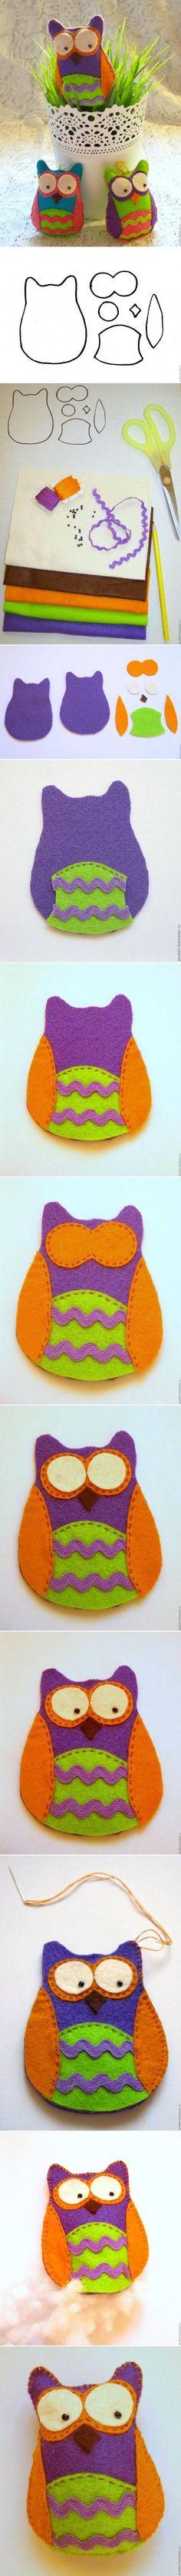 Makkelijk te maken je eigen uiltjes uit vilt. Kijk voor vilt eens op http://www.bijviltenzo.nl Kies voor handwerkvilt of voor een duurzame kwaliteit wol vilt